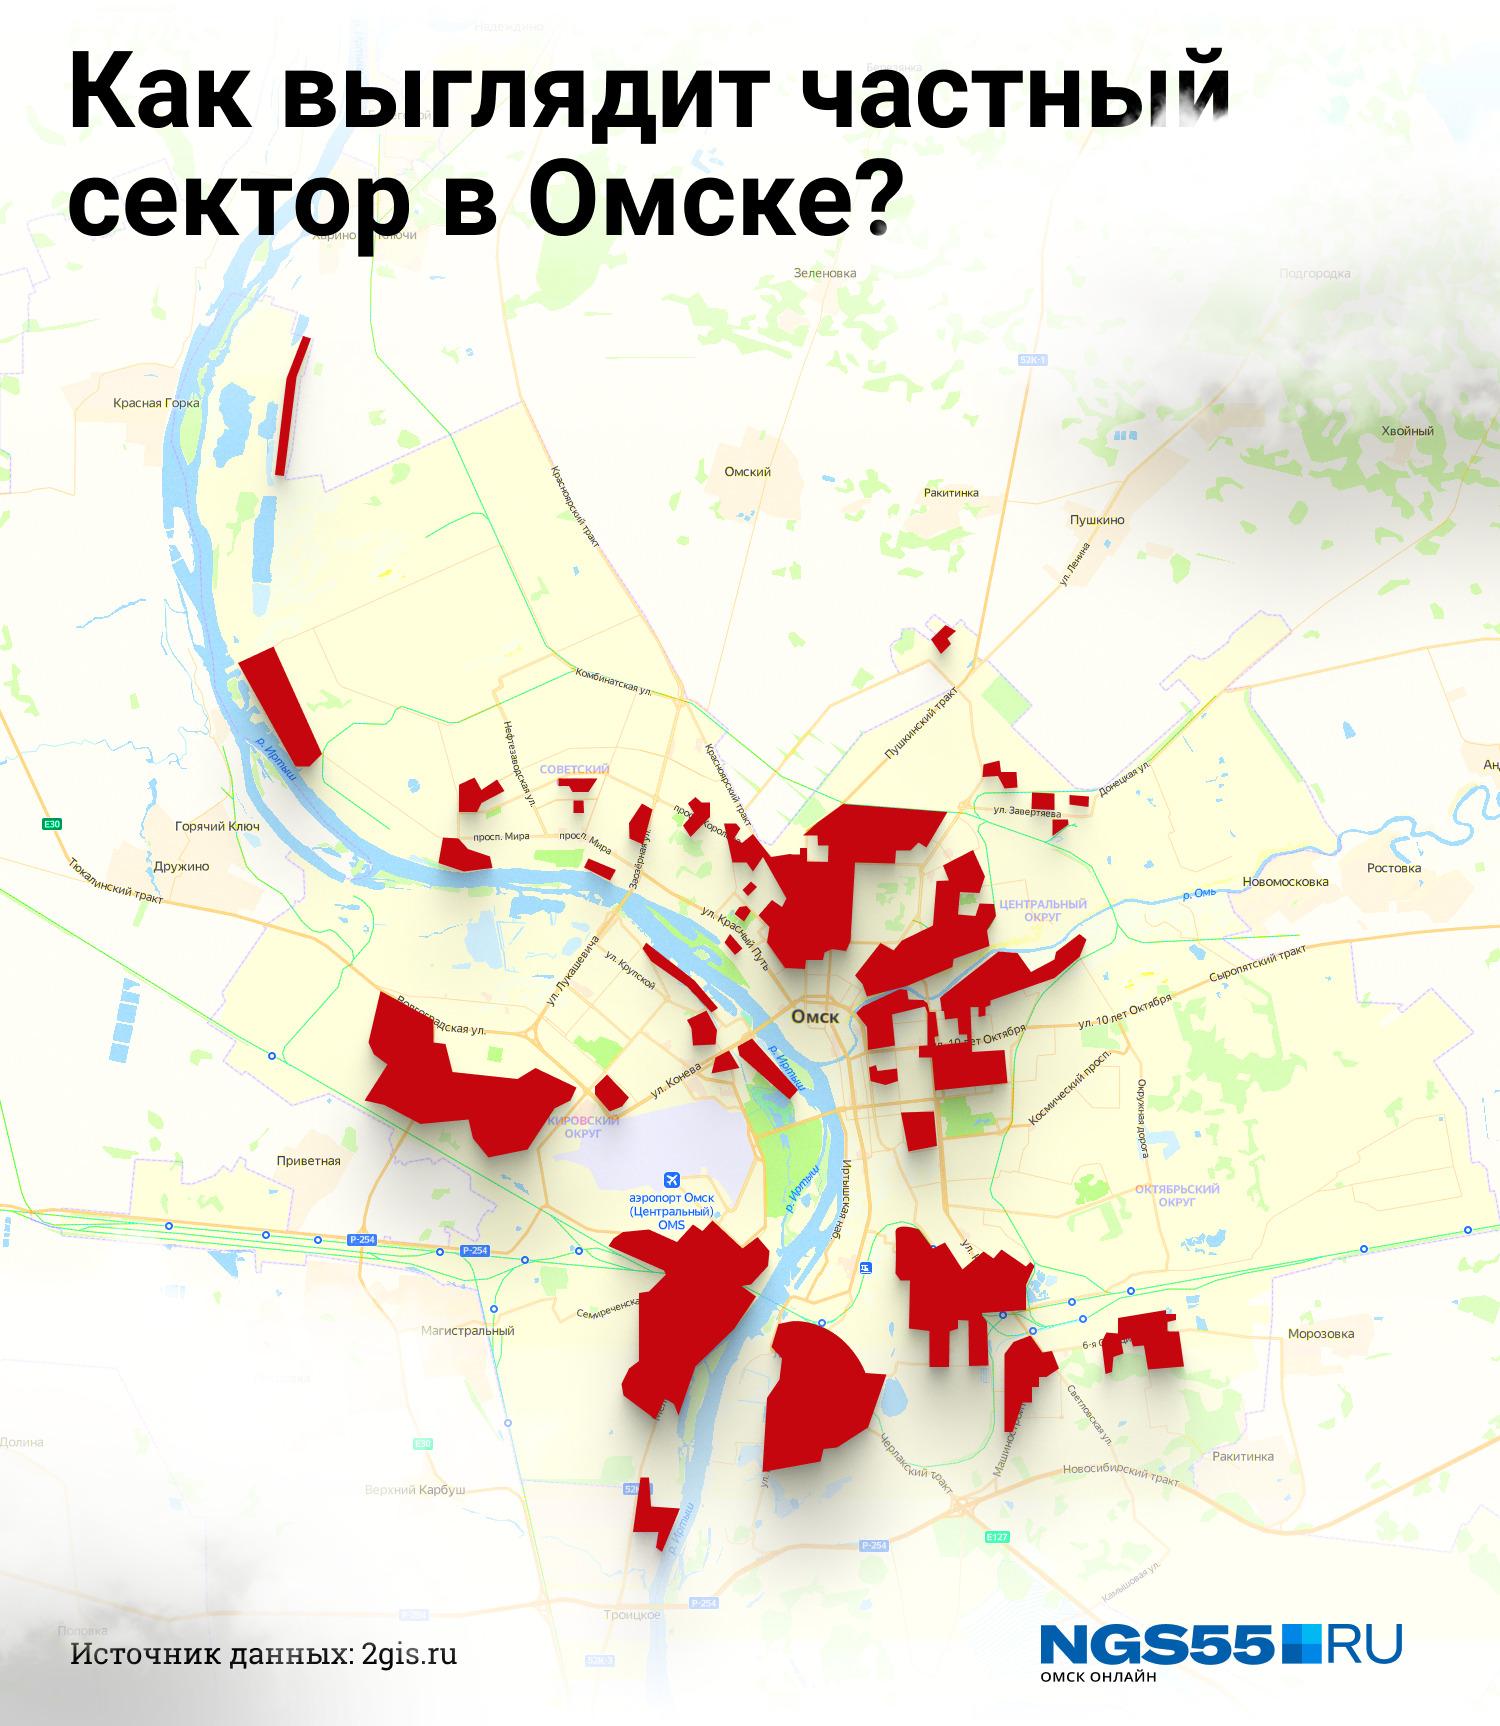 Частный сектор занимает внушительную часть города